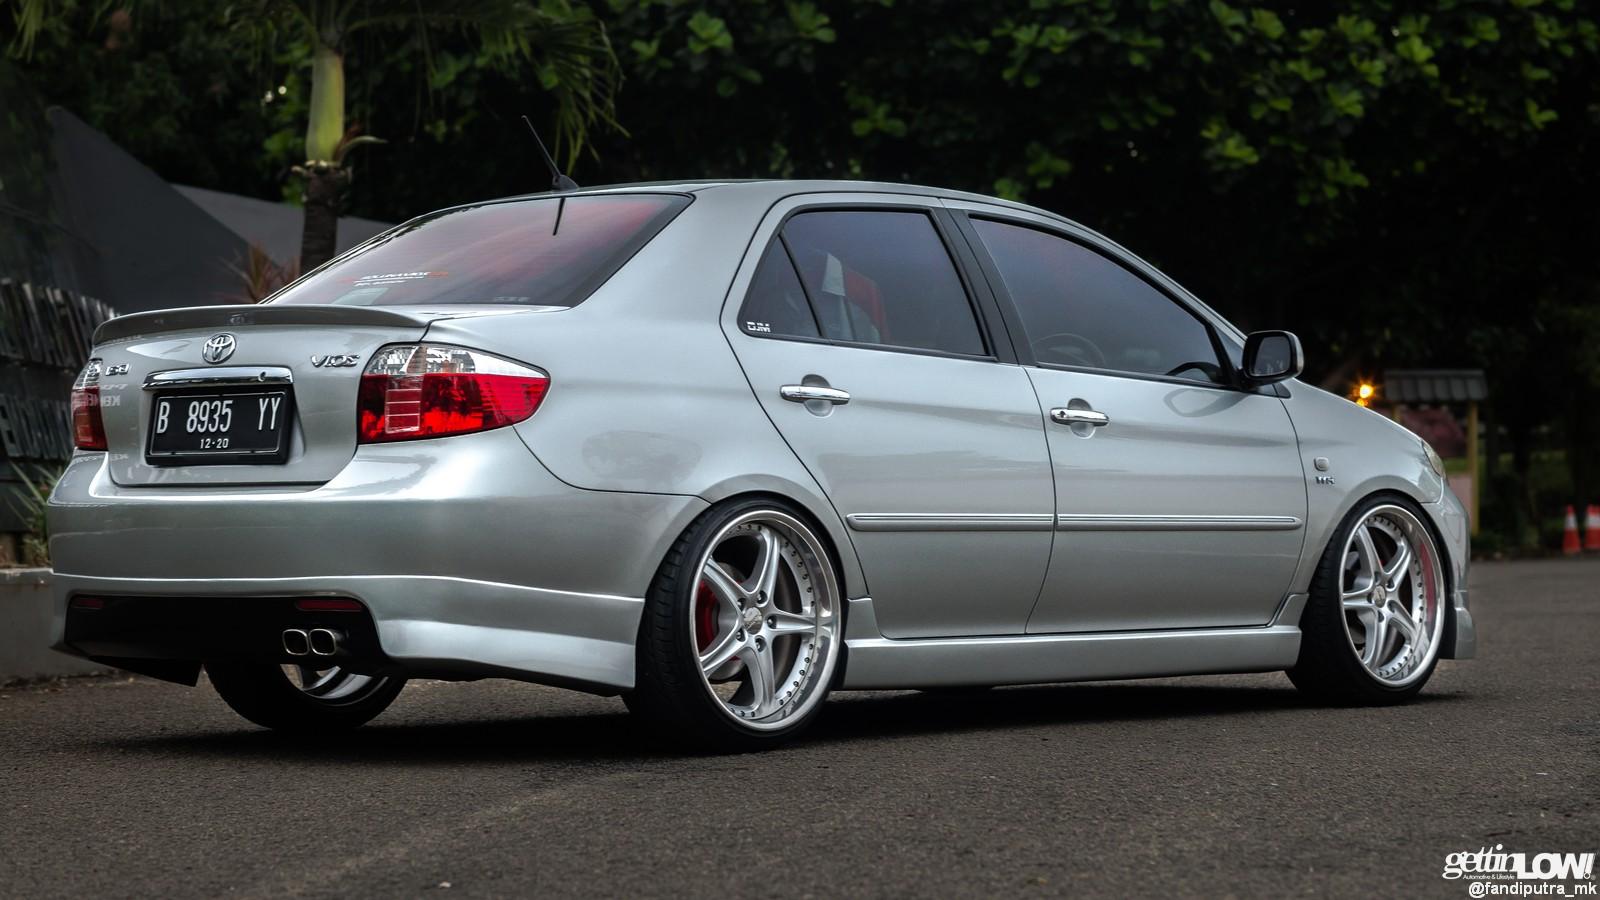 GETTINLOW - Muchlis Kusetianto: 2005 Toyota Vios